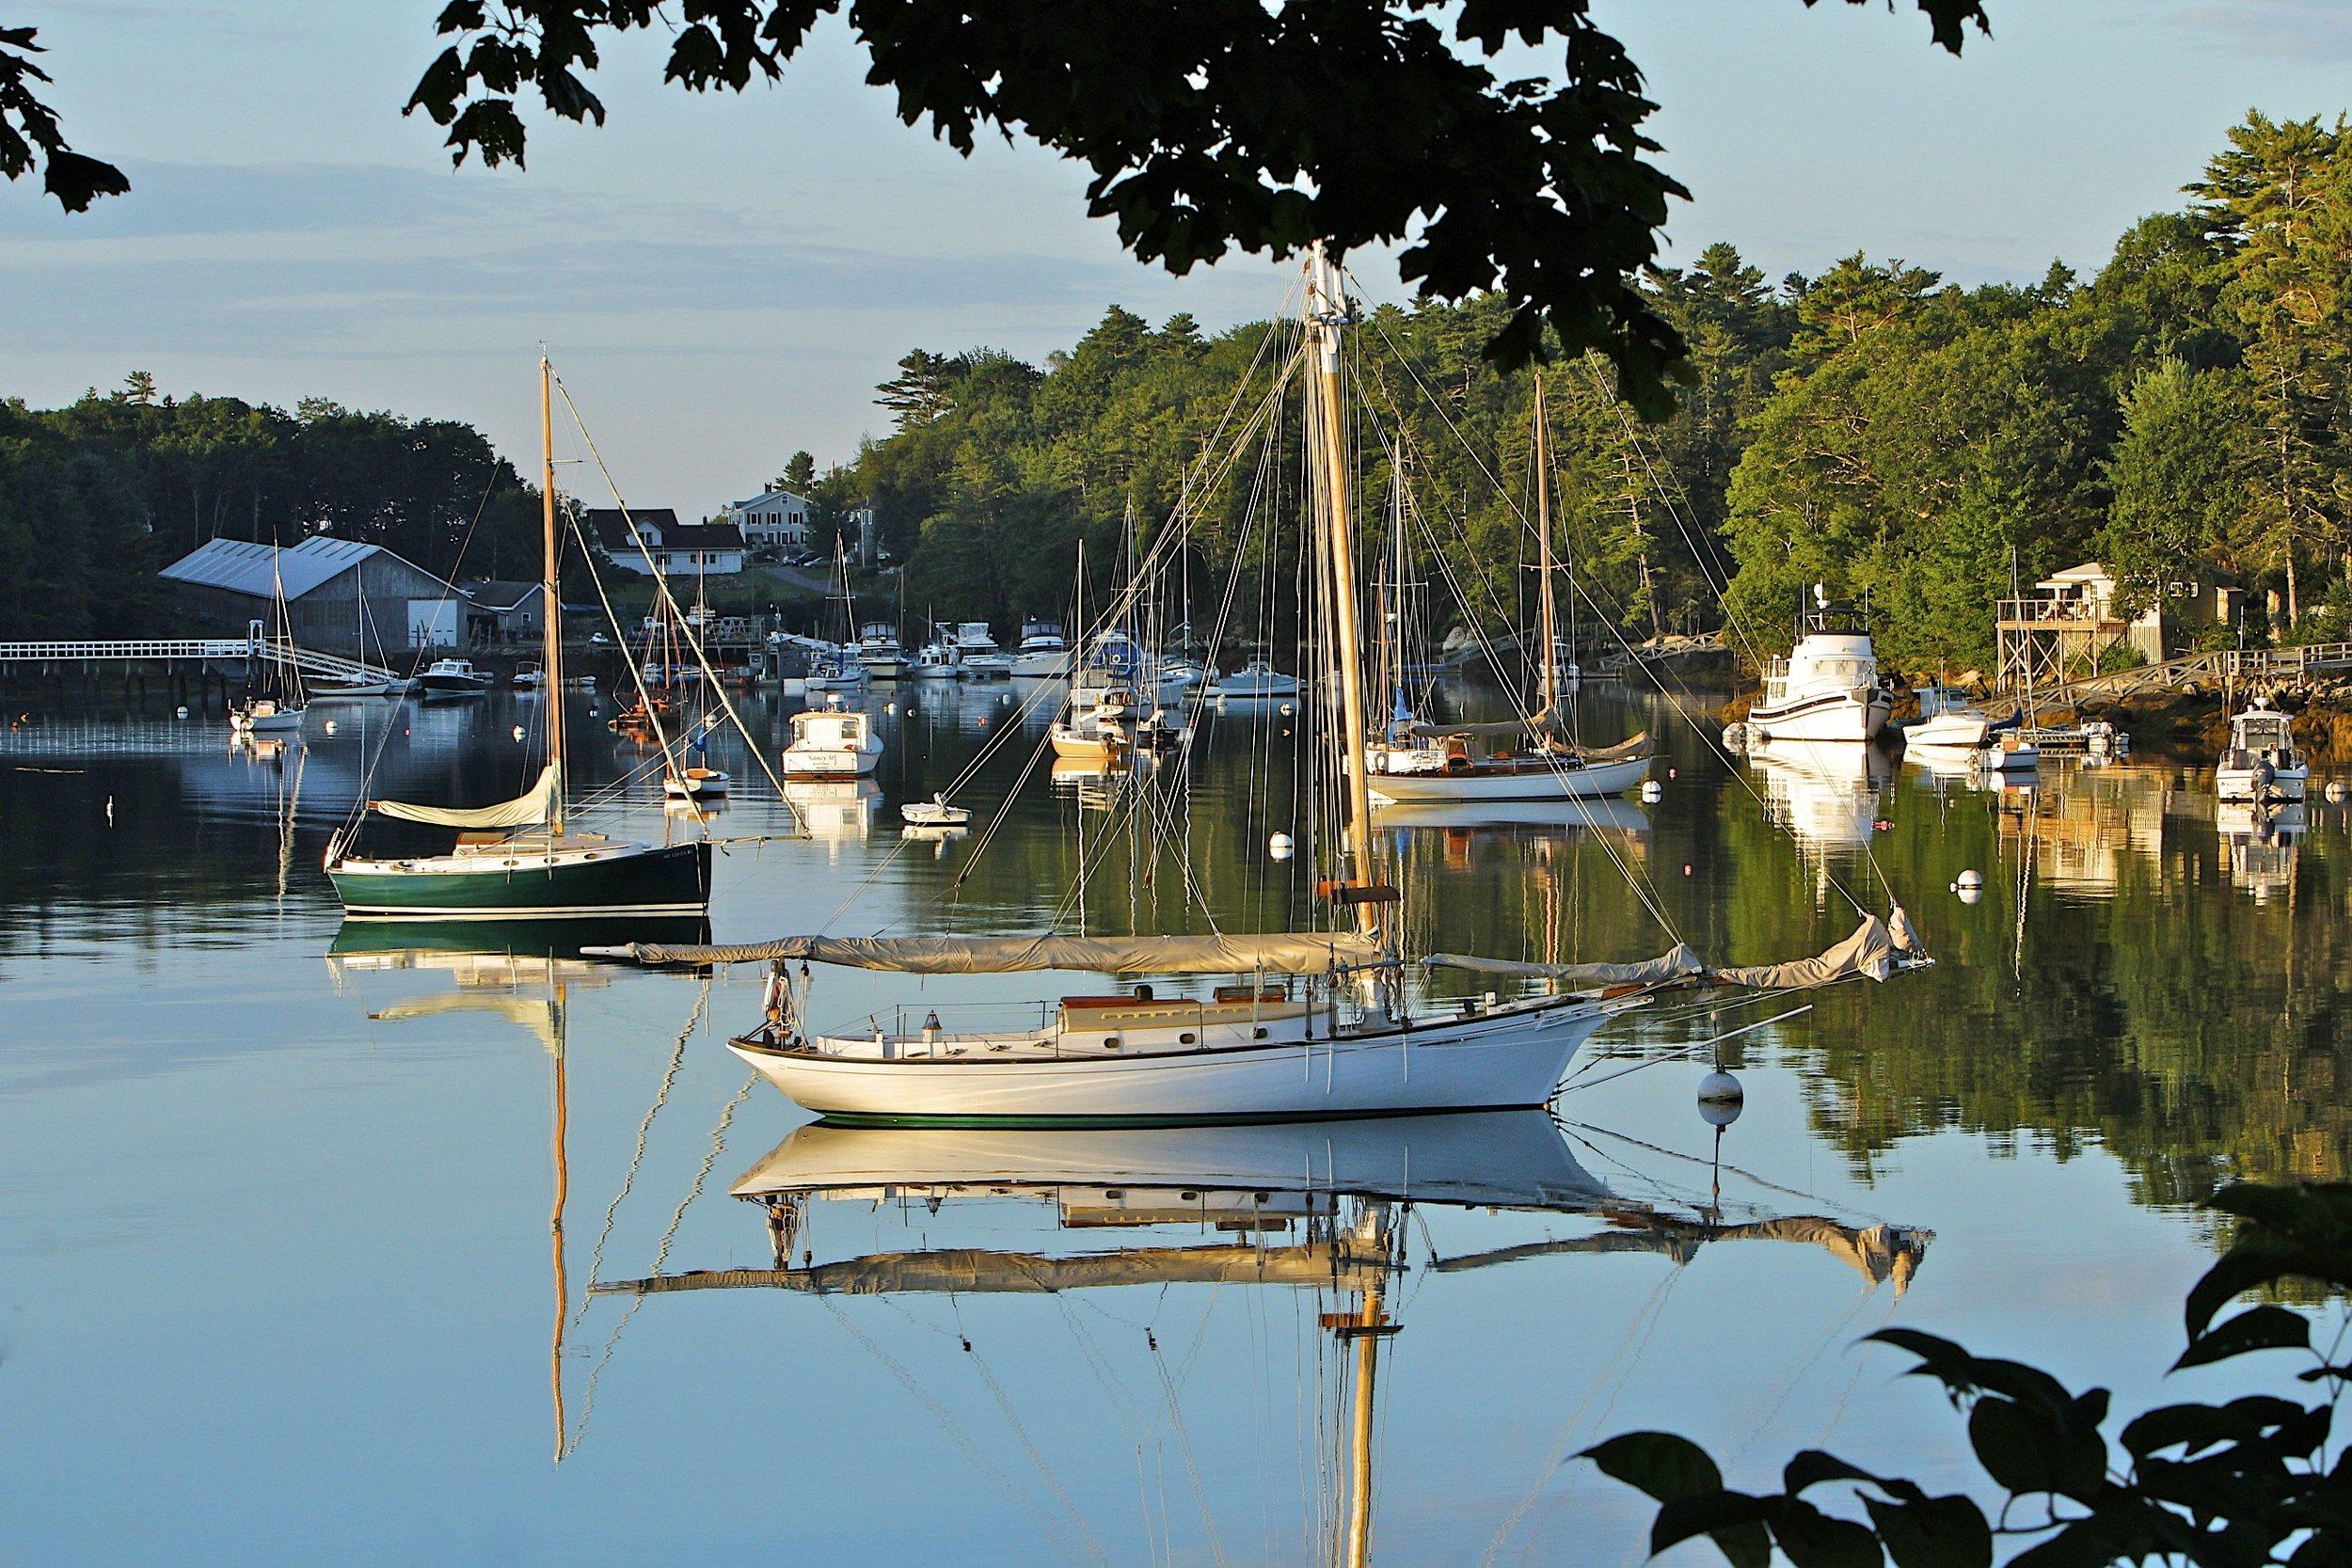 June: West Boothbay Harbor